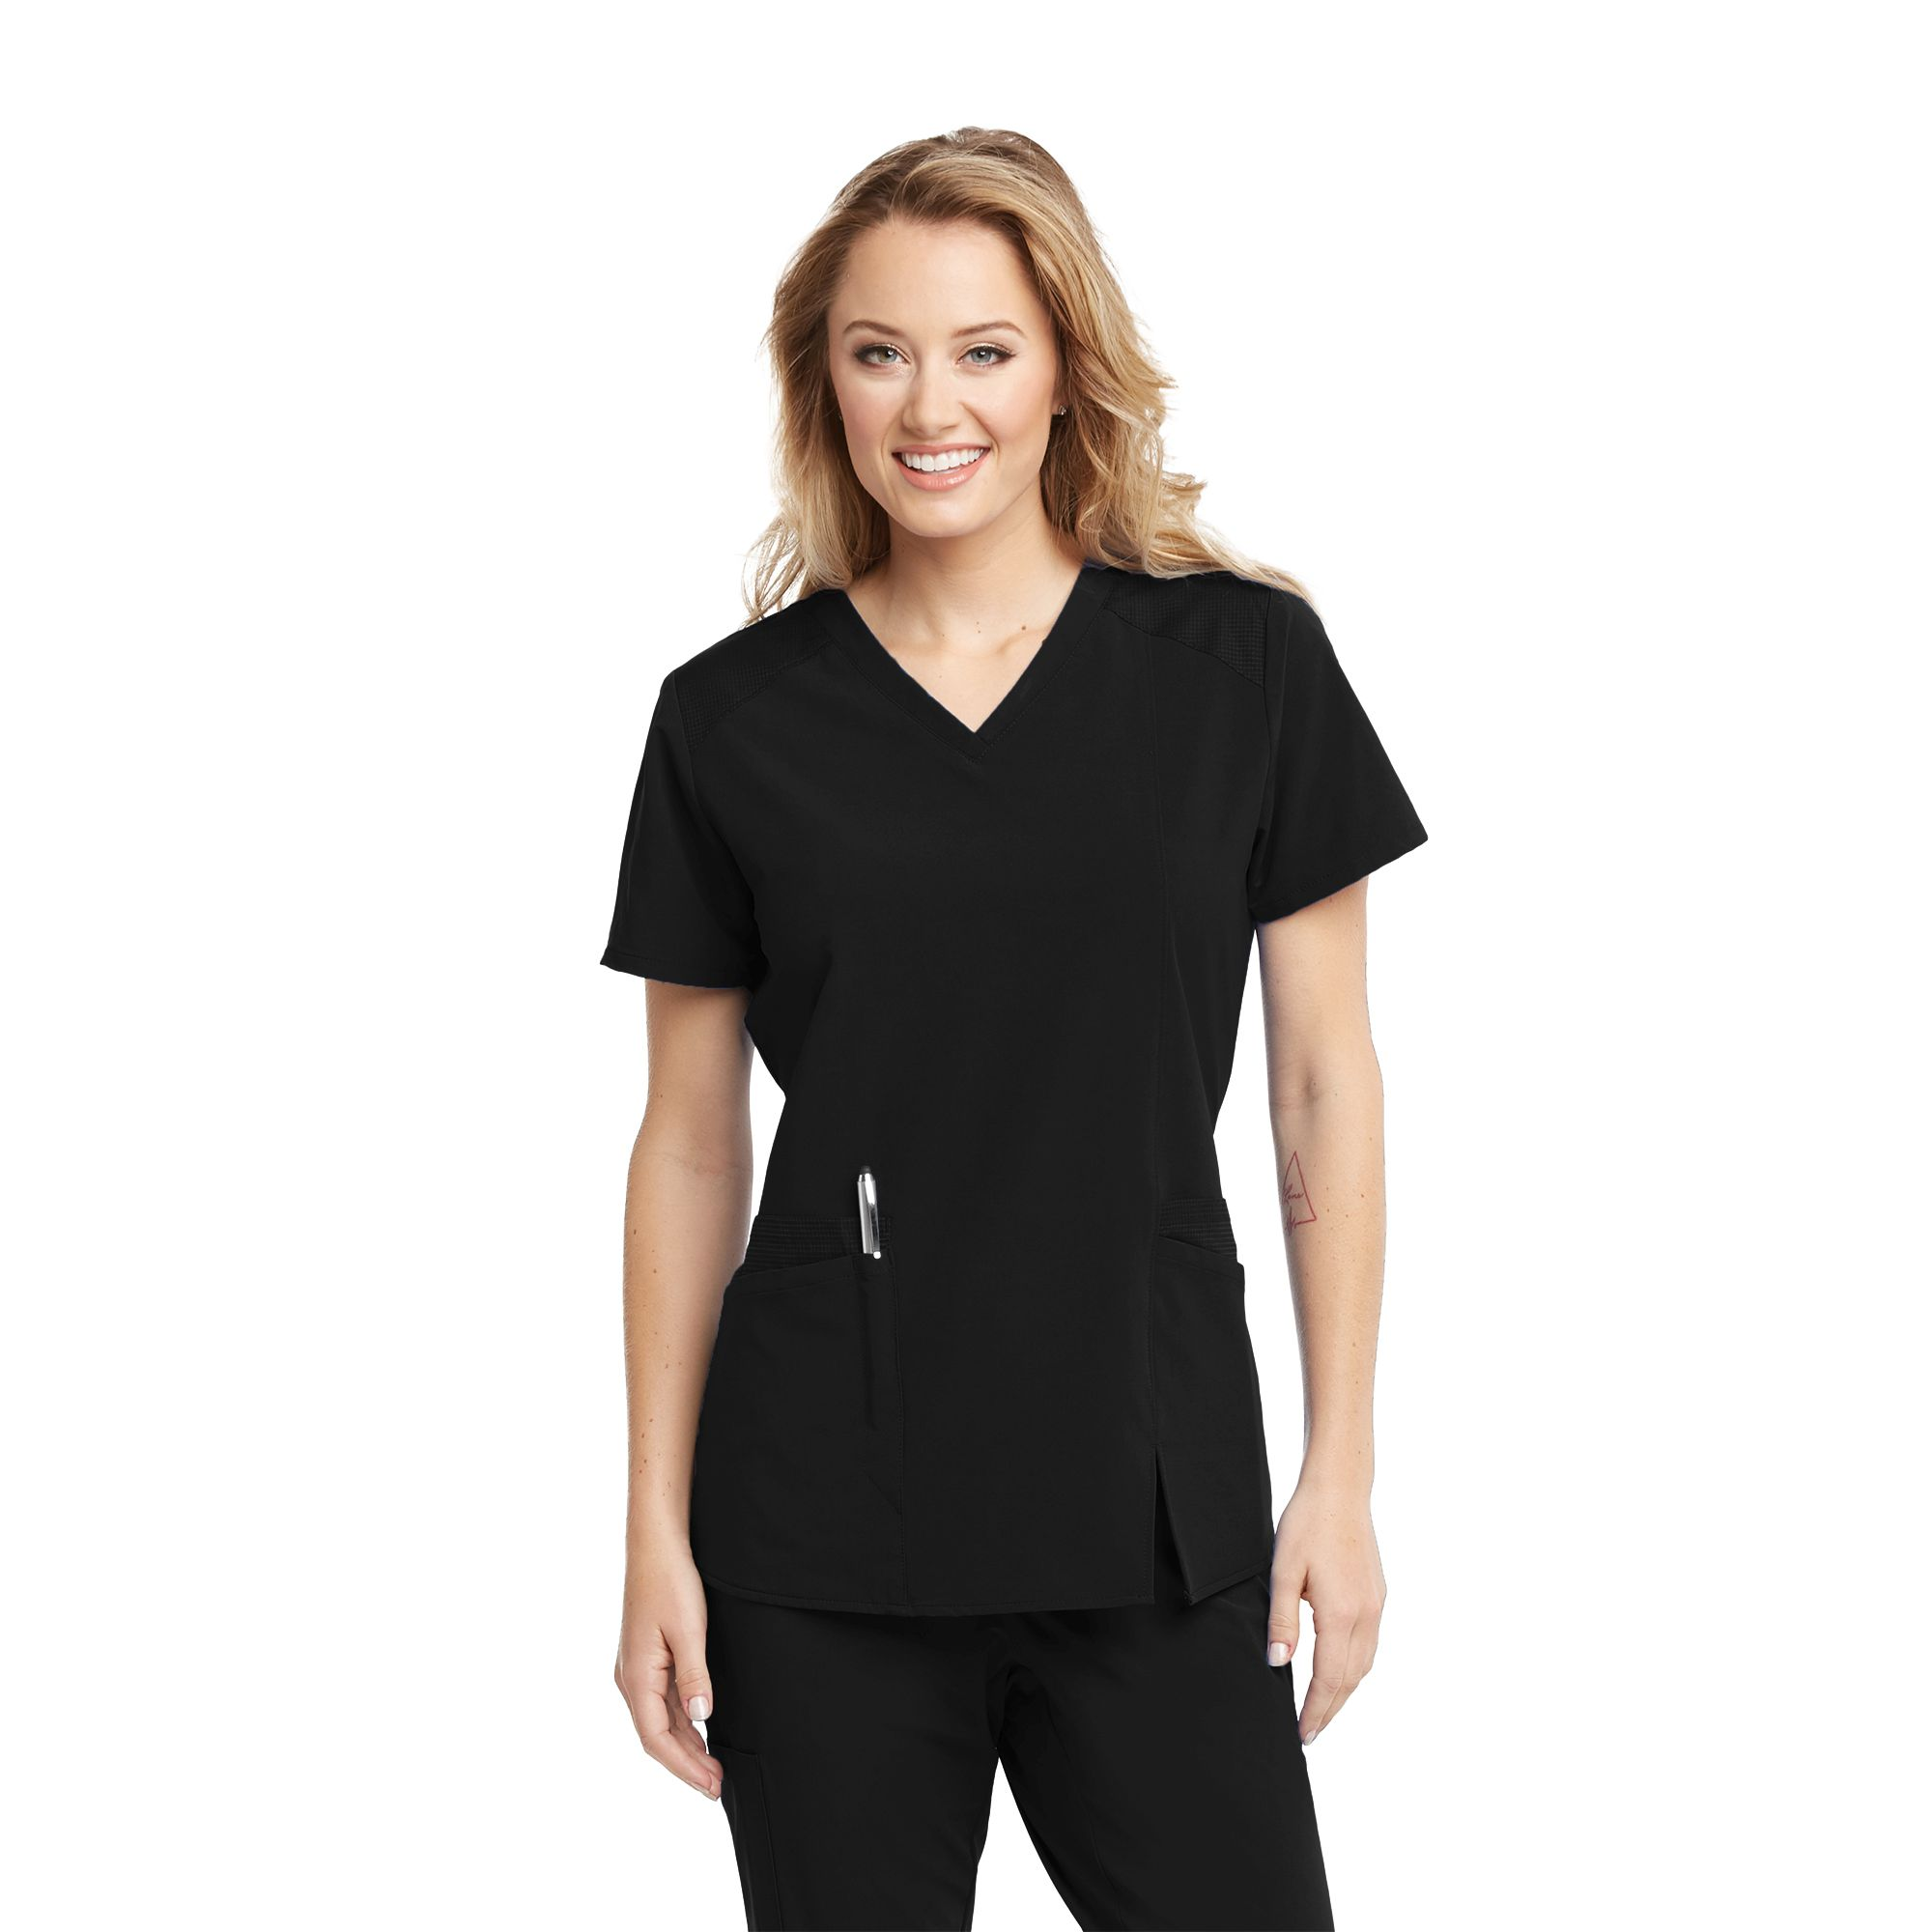 Barco One Wellness 4 Pocket V-Neck Contrast Shoulder Front Split-Barco Wellness